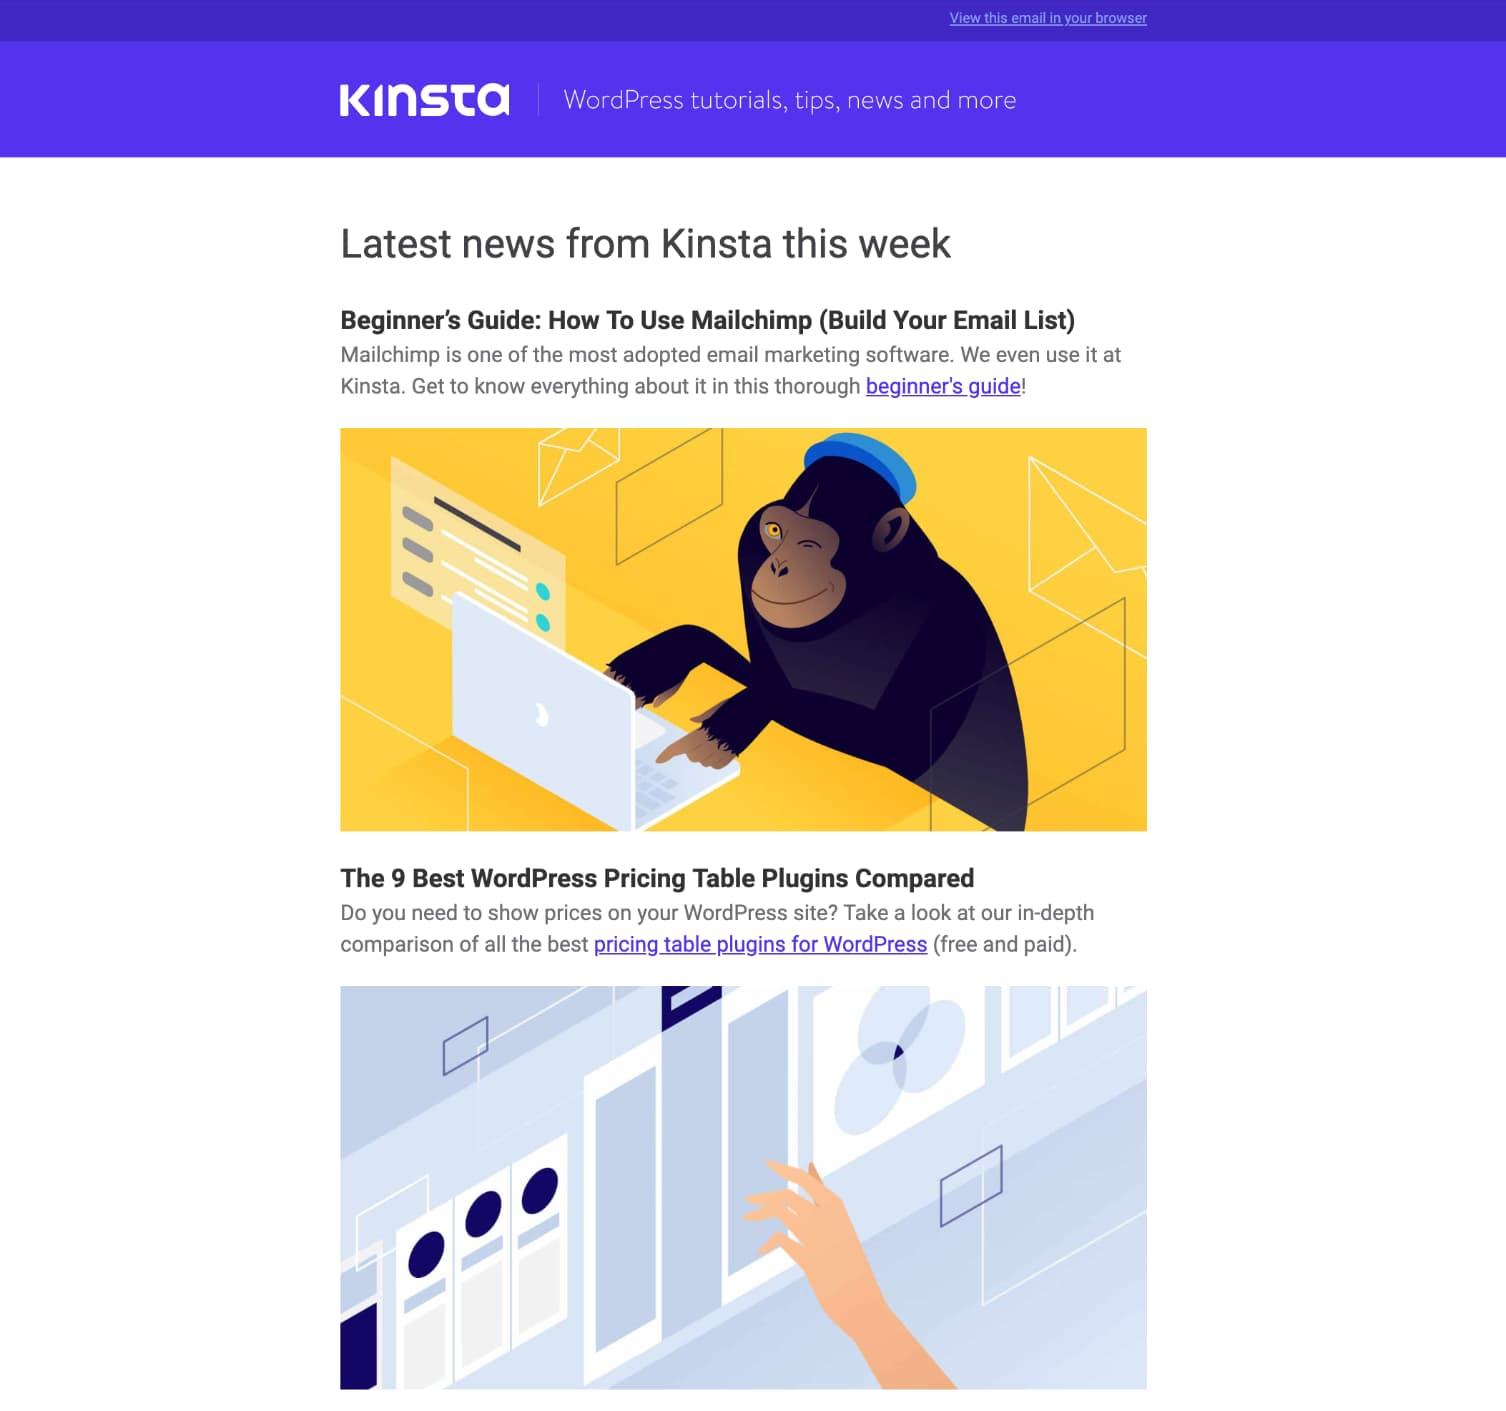 Kinstaのニュースレターのテンプレート